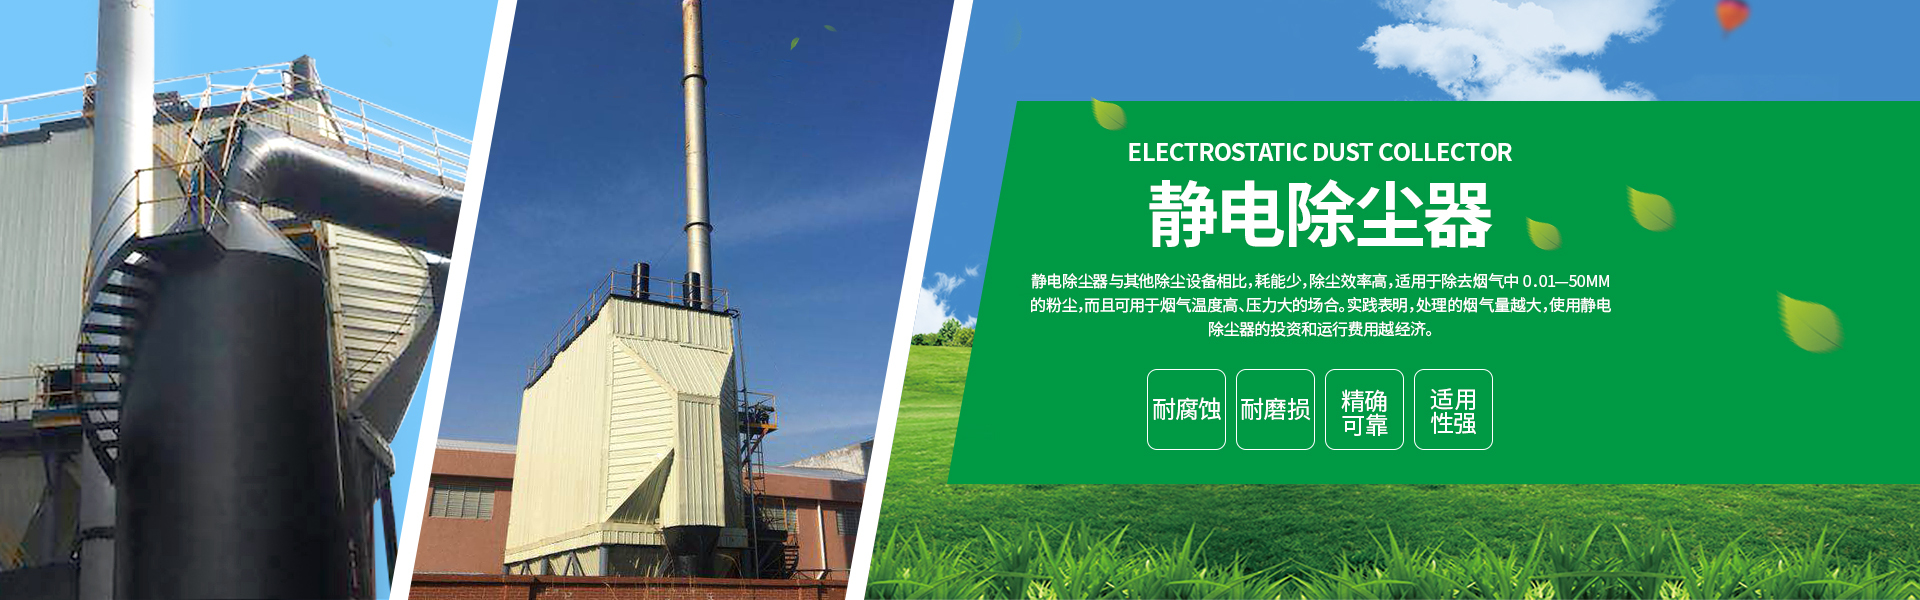 肇庆市华航环保设备发展有限公司